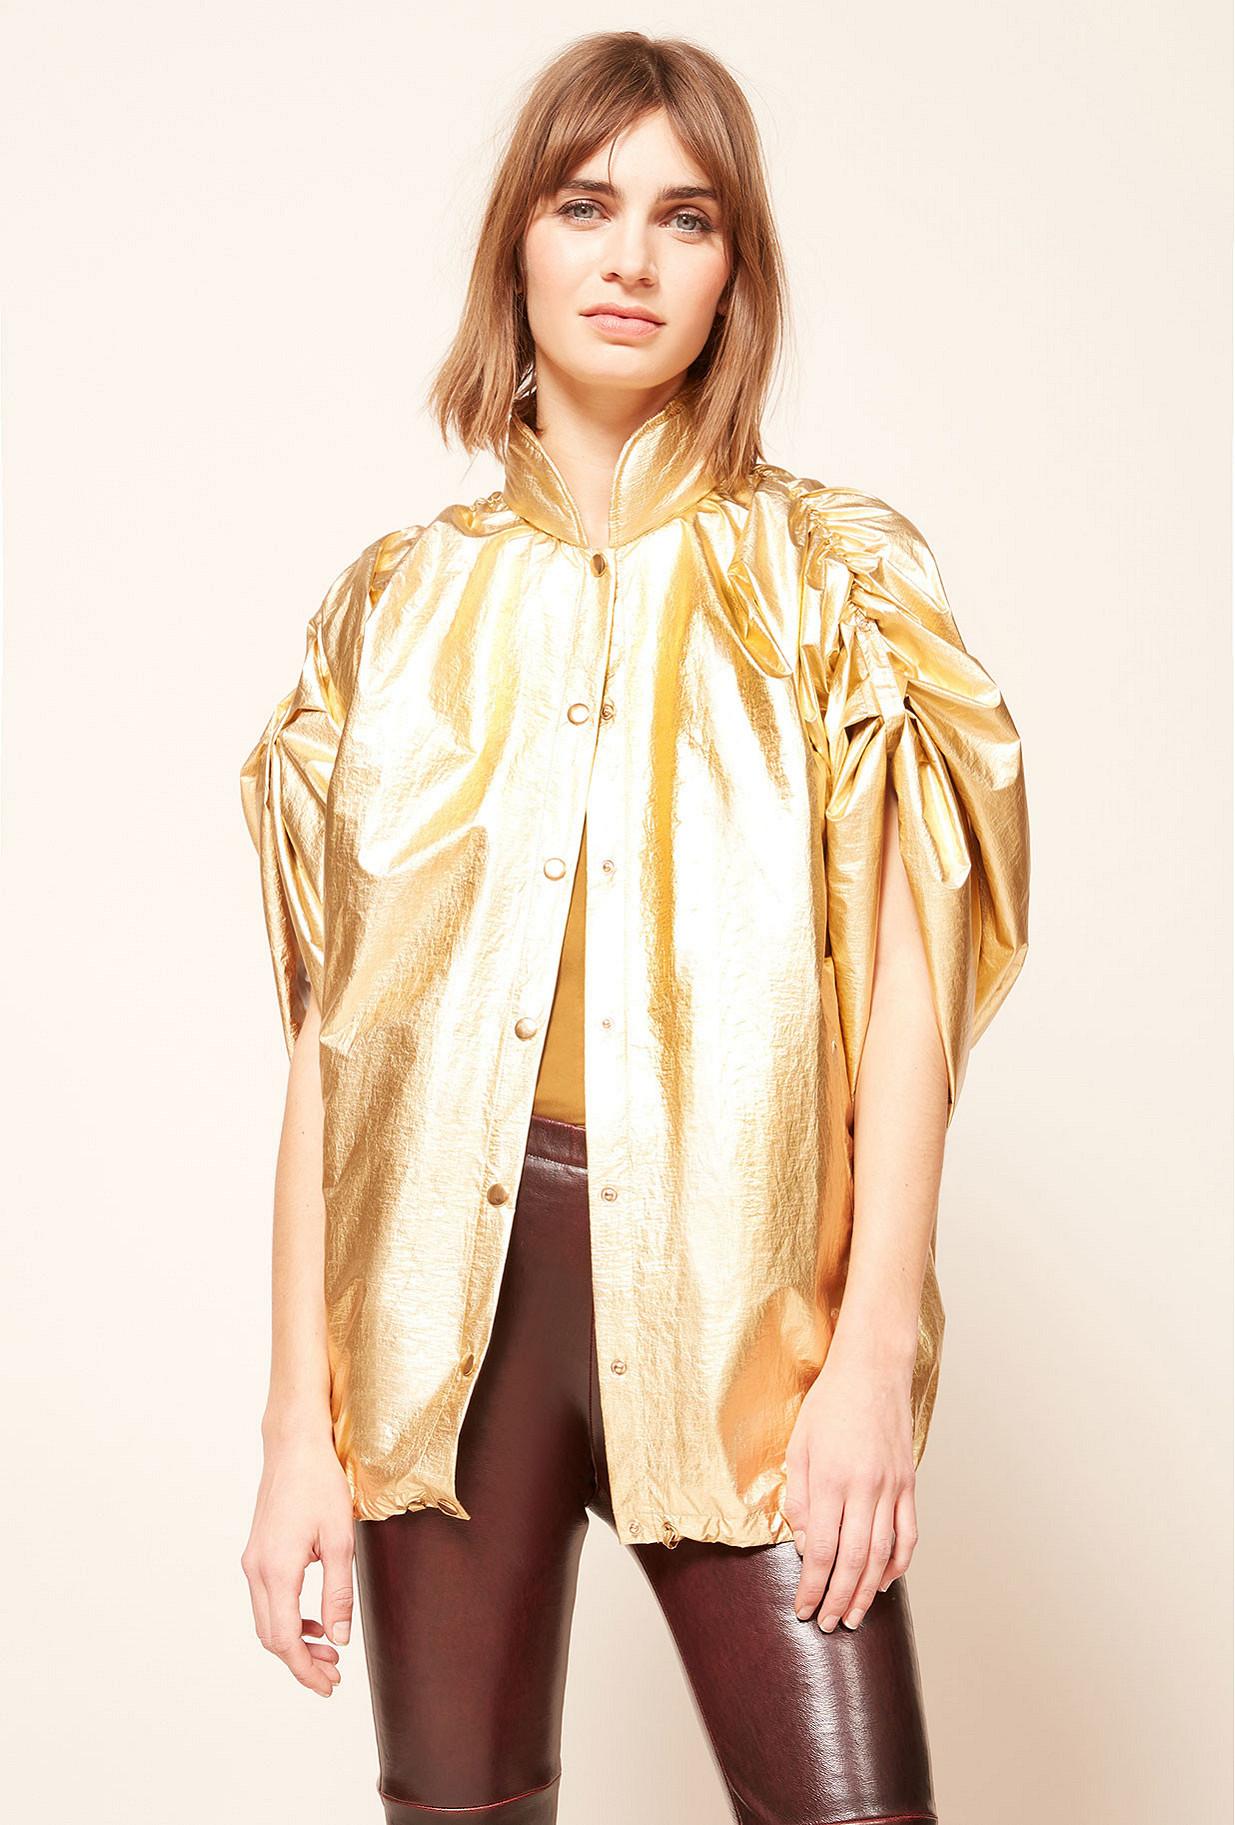 Paris boutique de mode vêtement Veste créateur bohème  Orbite